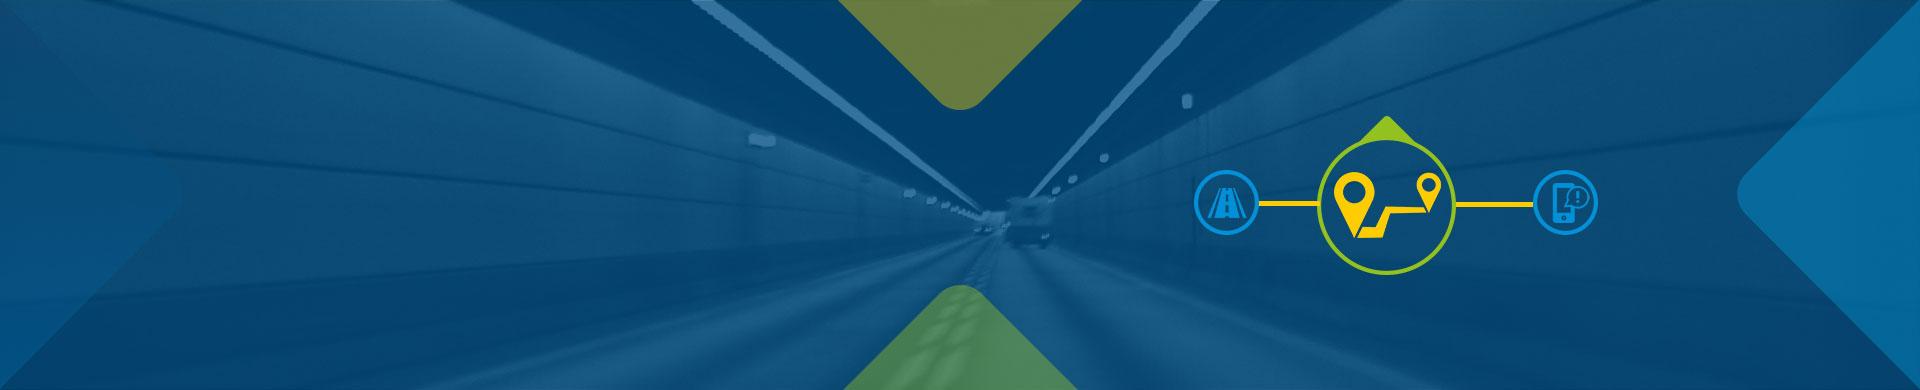 SynX Banner et le style de conduite